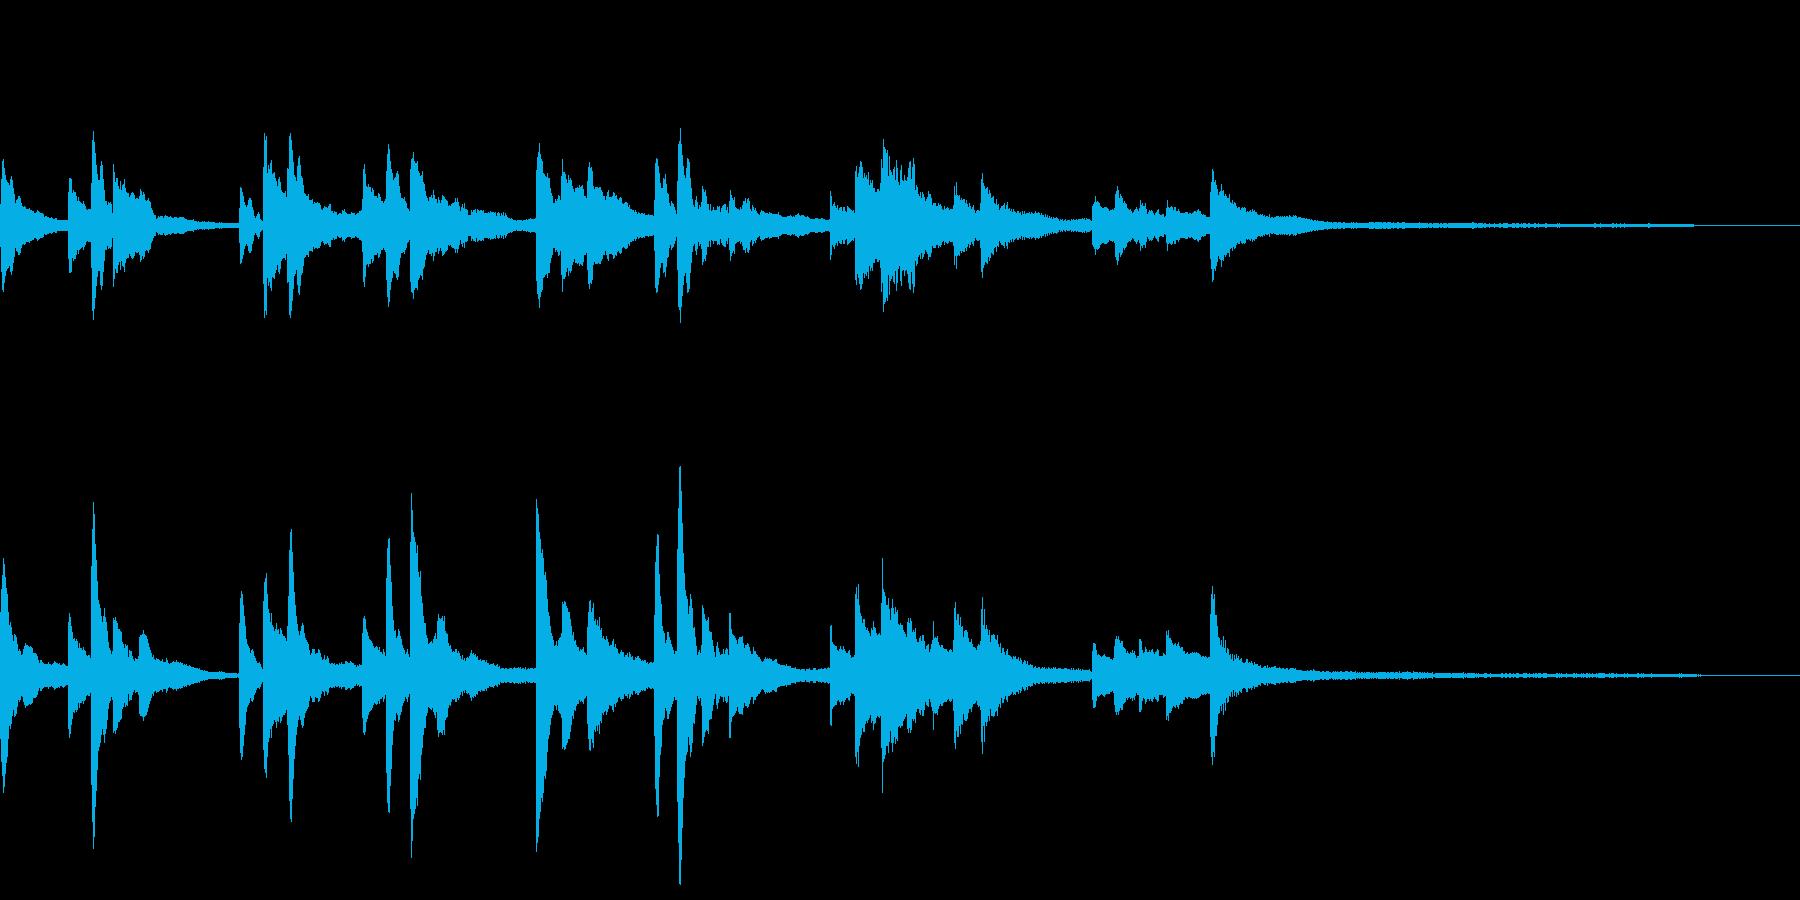 和風のジングル11-ピアノソロの再生済みの波形